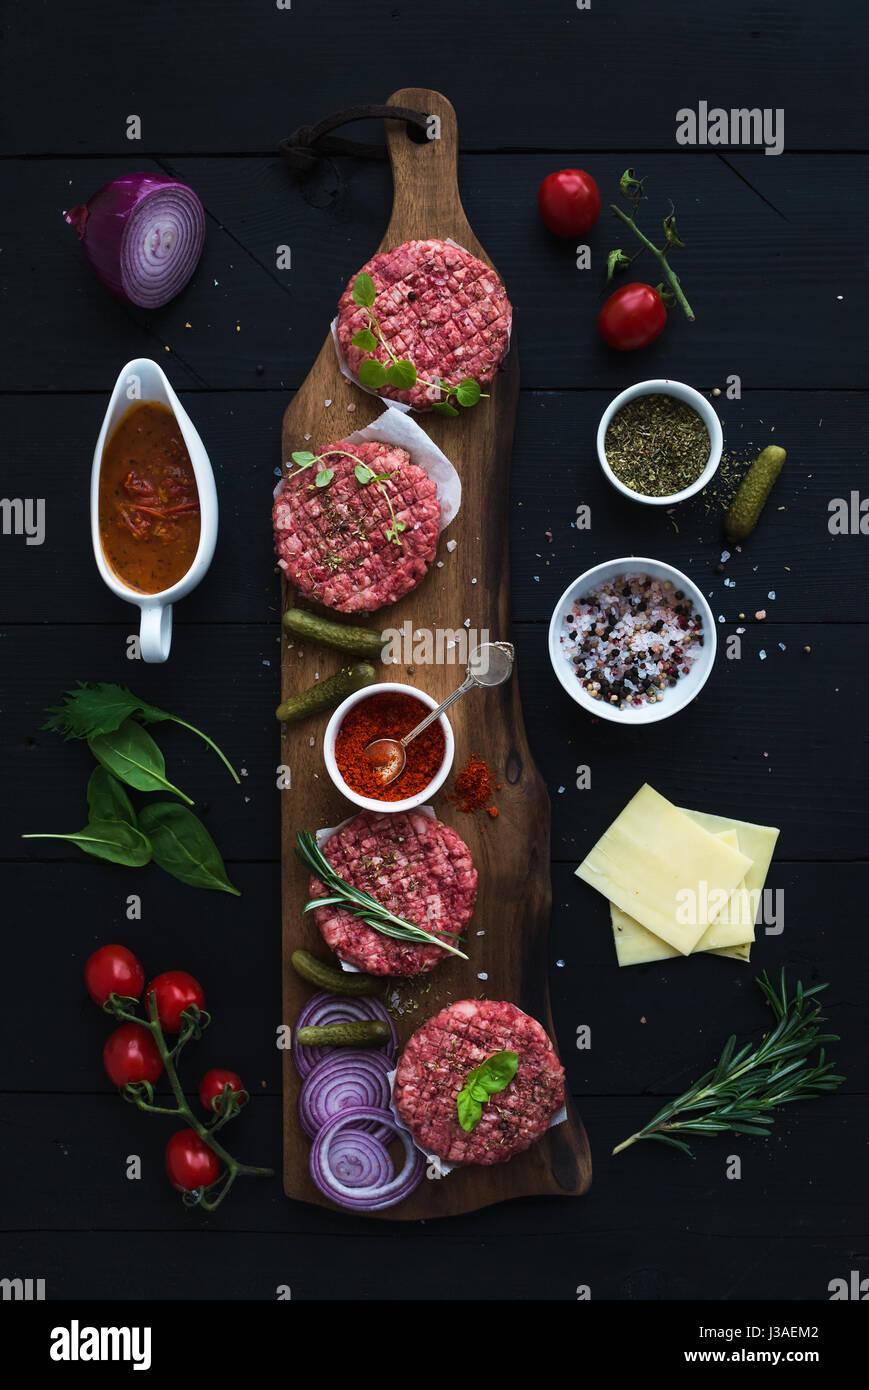 Zutaten für das Kochen Burger. Rohen Boden Rindfleisch Fleisch Schnitzel auf Schneidbrett aus Holz, rote Zwiebel, Stockbild